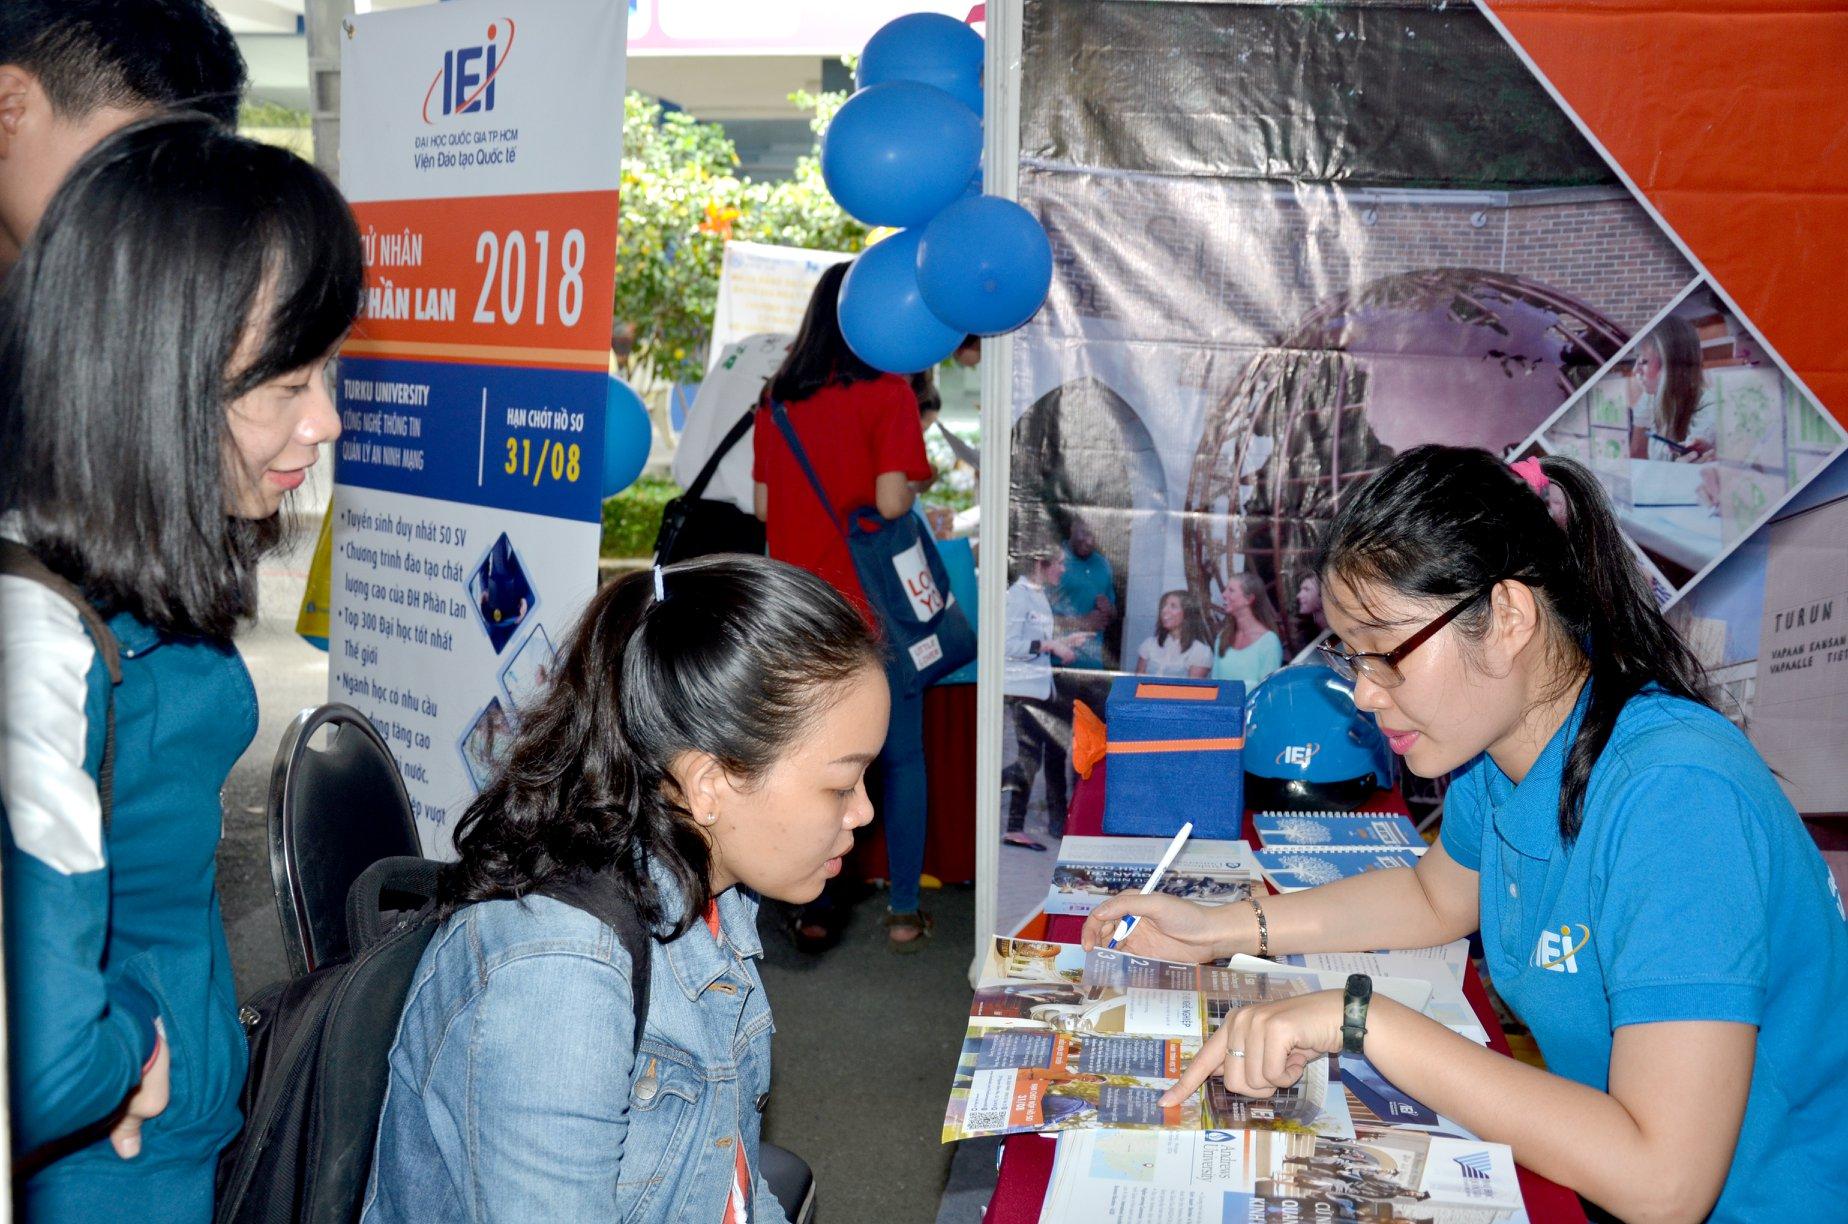 Viện Đào tạo quốc tế - ĐH Quốc gia TP.HCM xét tuyển cử nhân bằng học bạ - Ảnh 2.